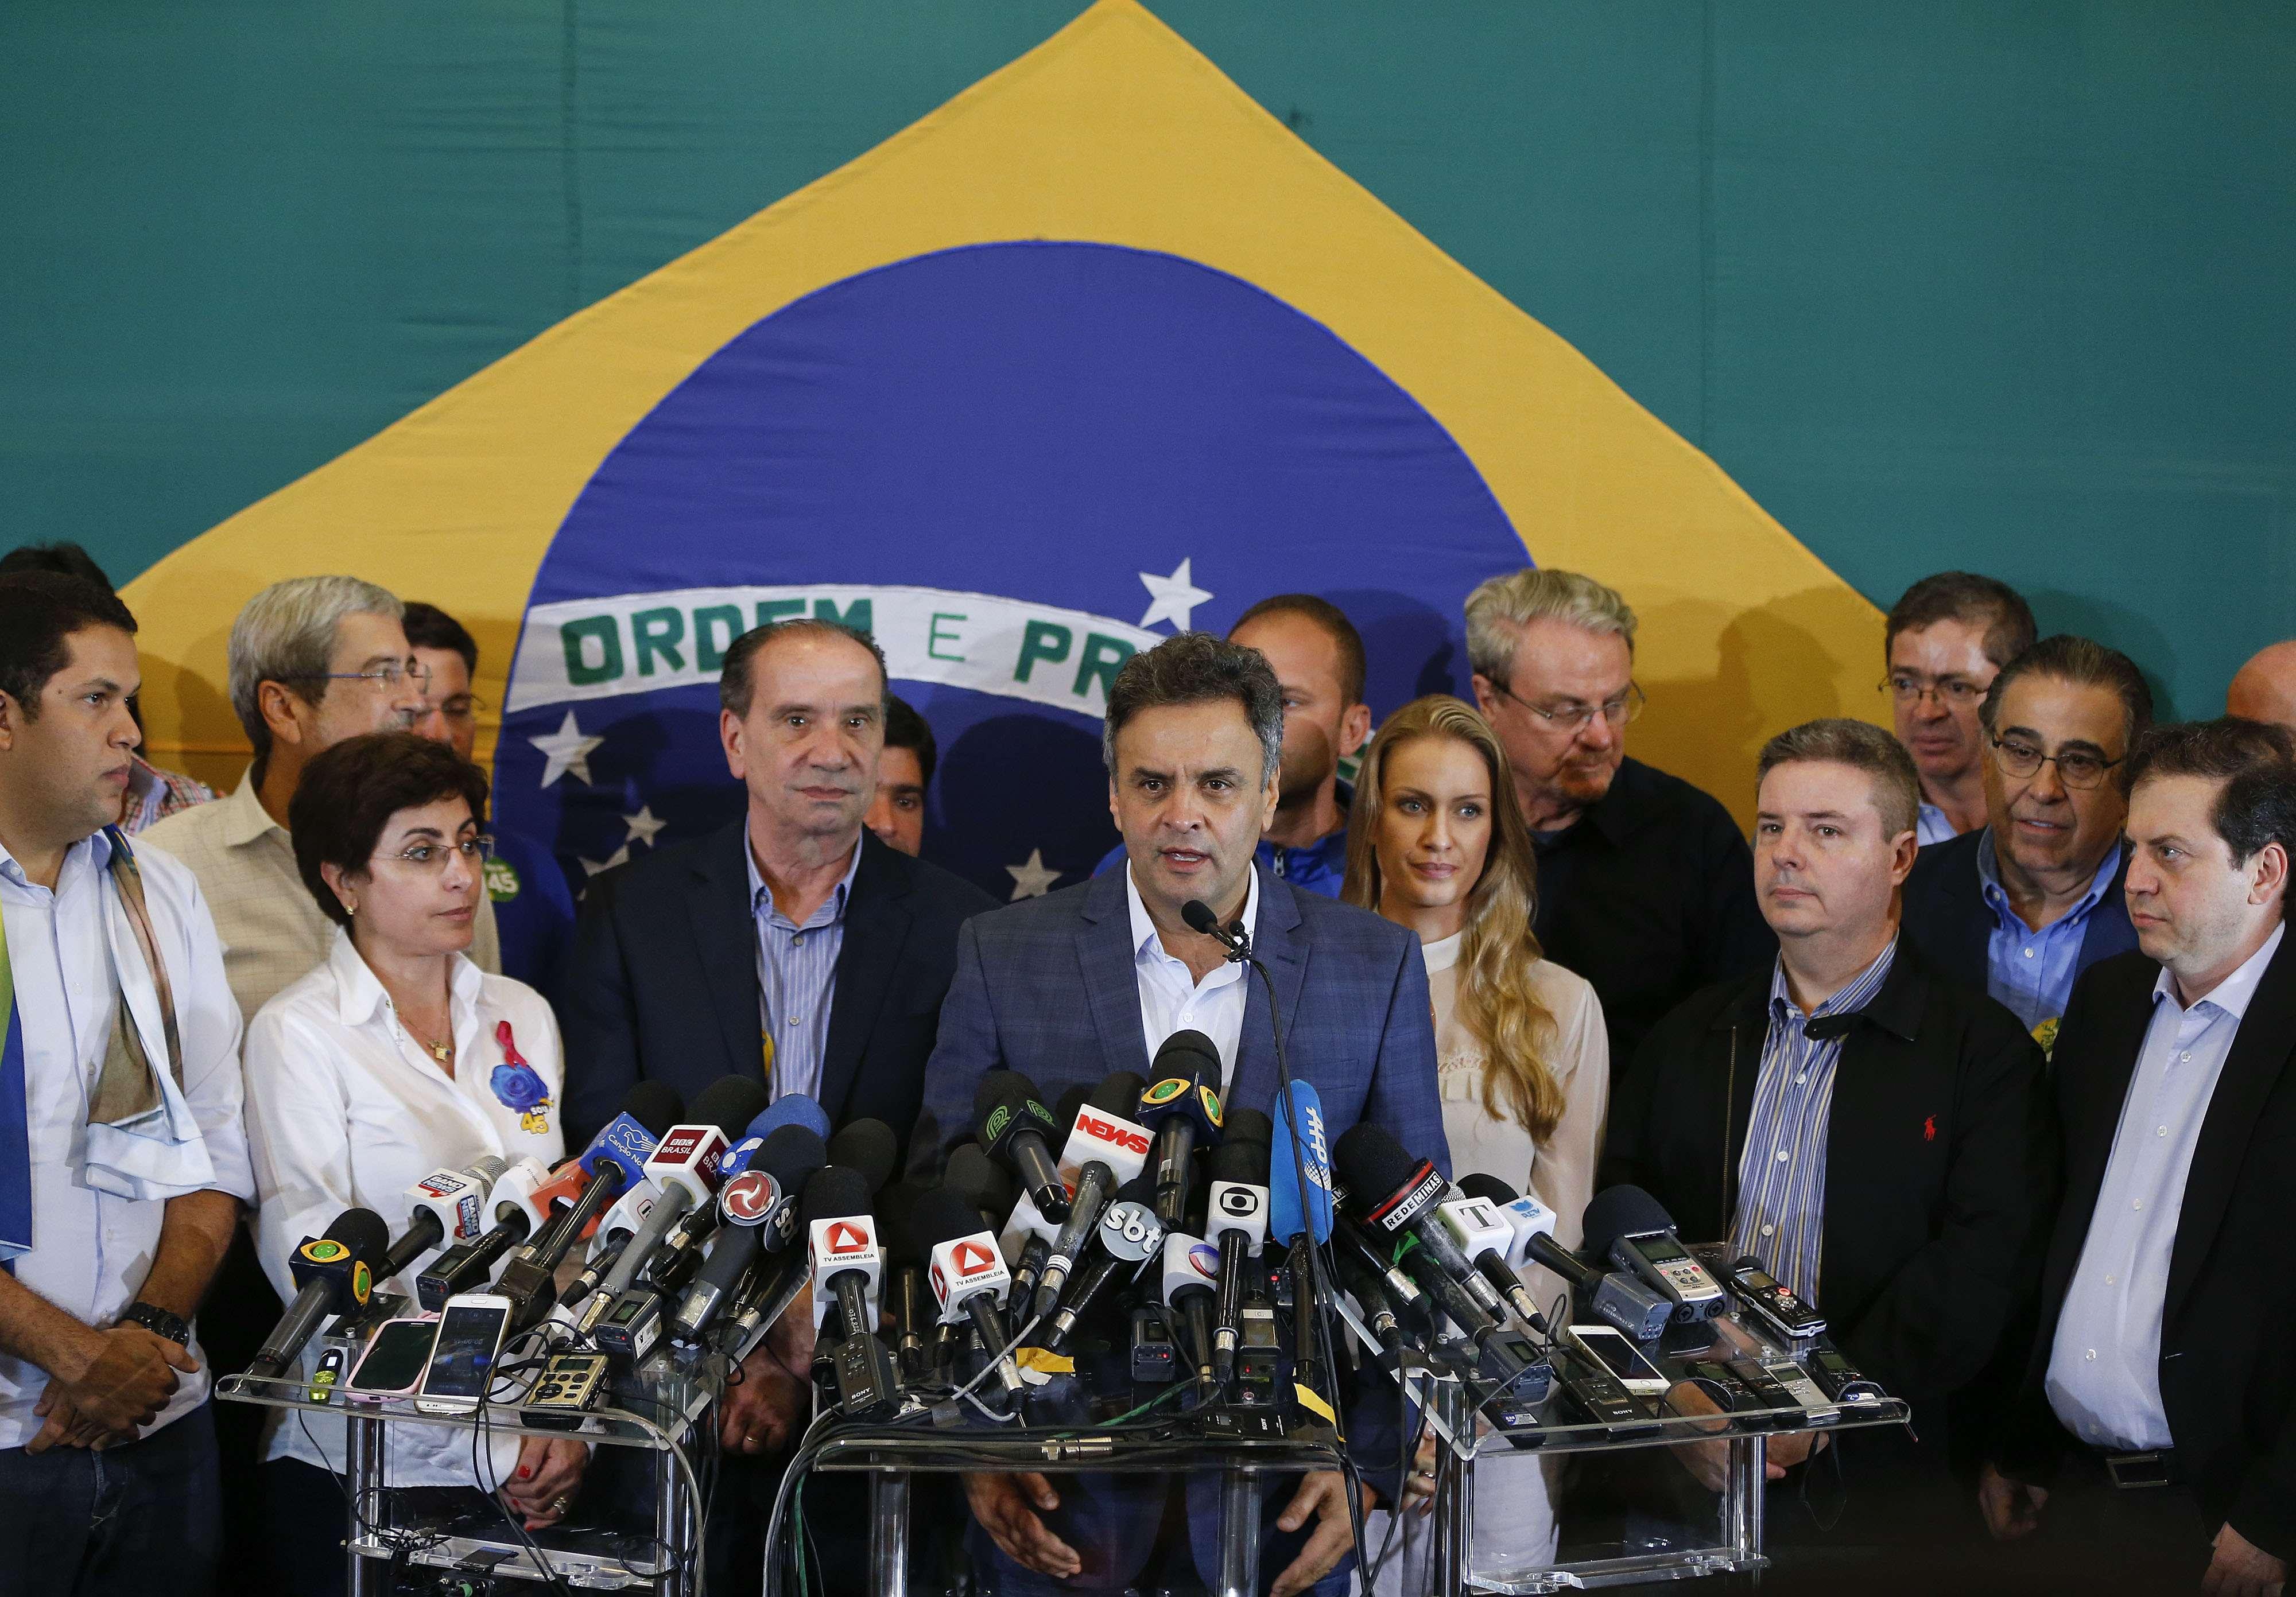 """O candidato a presidente derrotado no segundo turno, Aécio Neves (PSDB), foi recebido antes de seu primeiro discurso após a divulgação do resultado sob os gritos de """"Aécio guerreiro, orghulho brasileiro"""". Ele afirmou que ligou para a presidente reeleita, Dilma Rousseff (PT), lhe desejou sucesso e lhe disse que """"a maior de todas as prioridades deve ser unir o Brasil em torno de um projeto honrado e que dignifique a todos os brasileiros"""". Foto: Andre Penner/AP"""